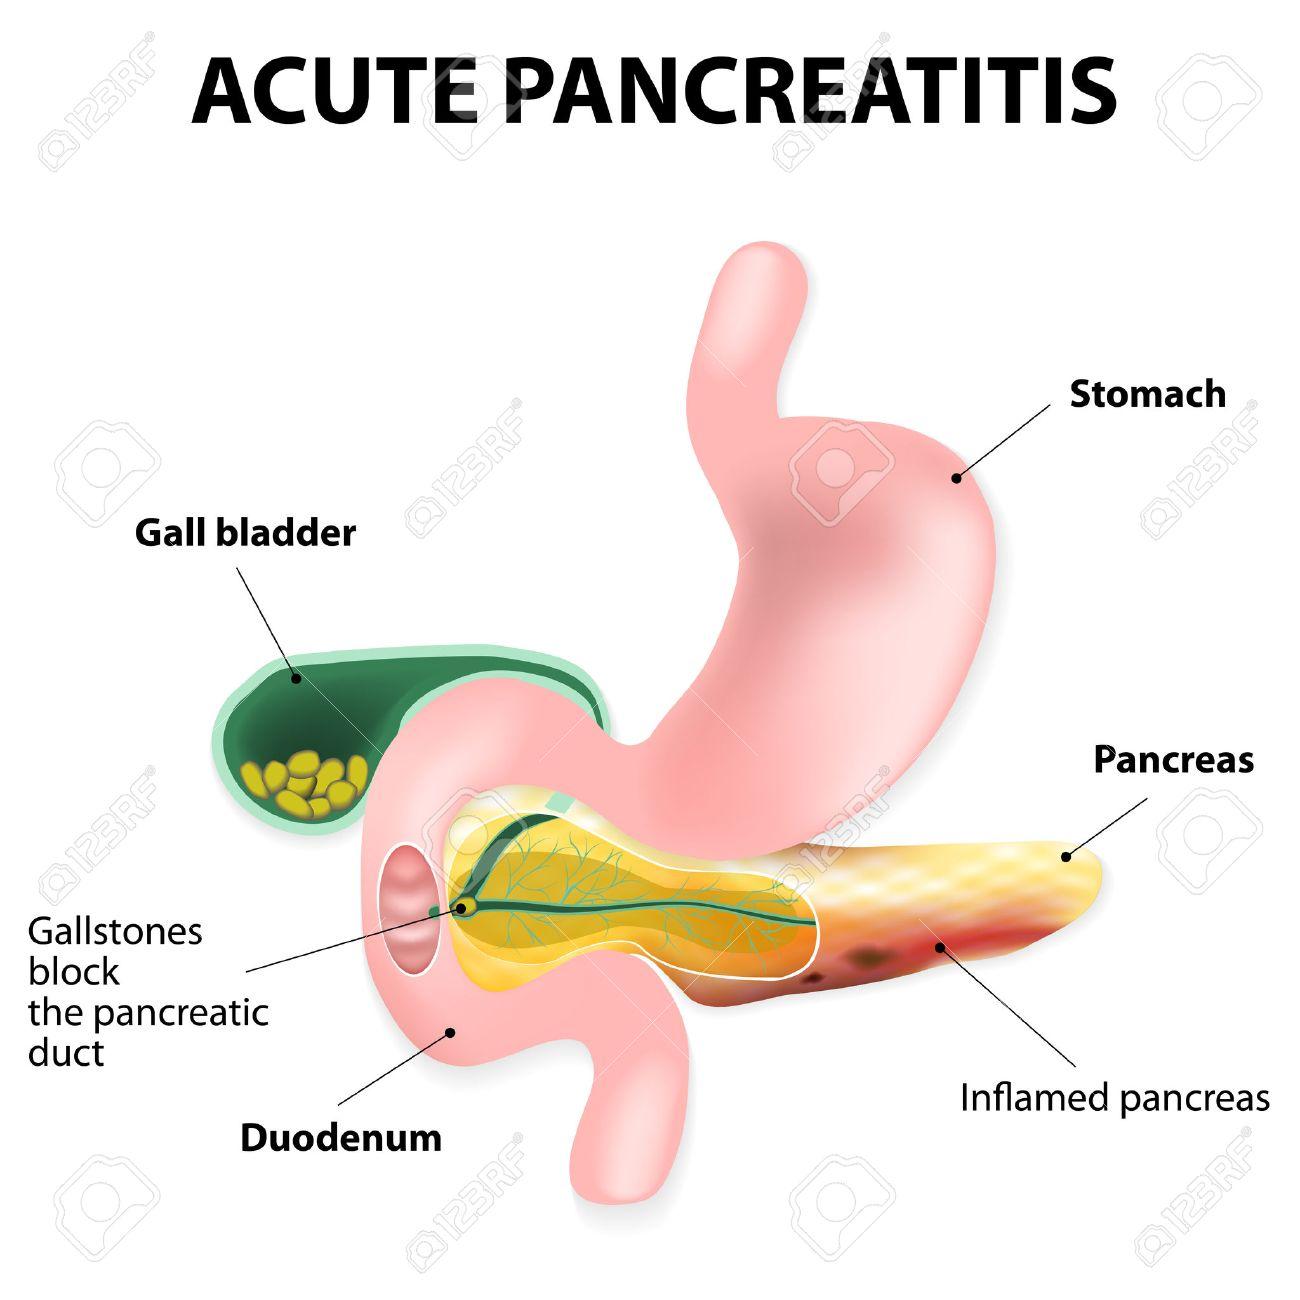 La Pancreatitis Aguda Es Una Inflamación Del Páncreas. Ilustraciones ...